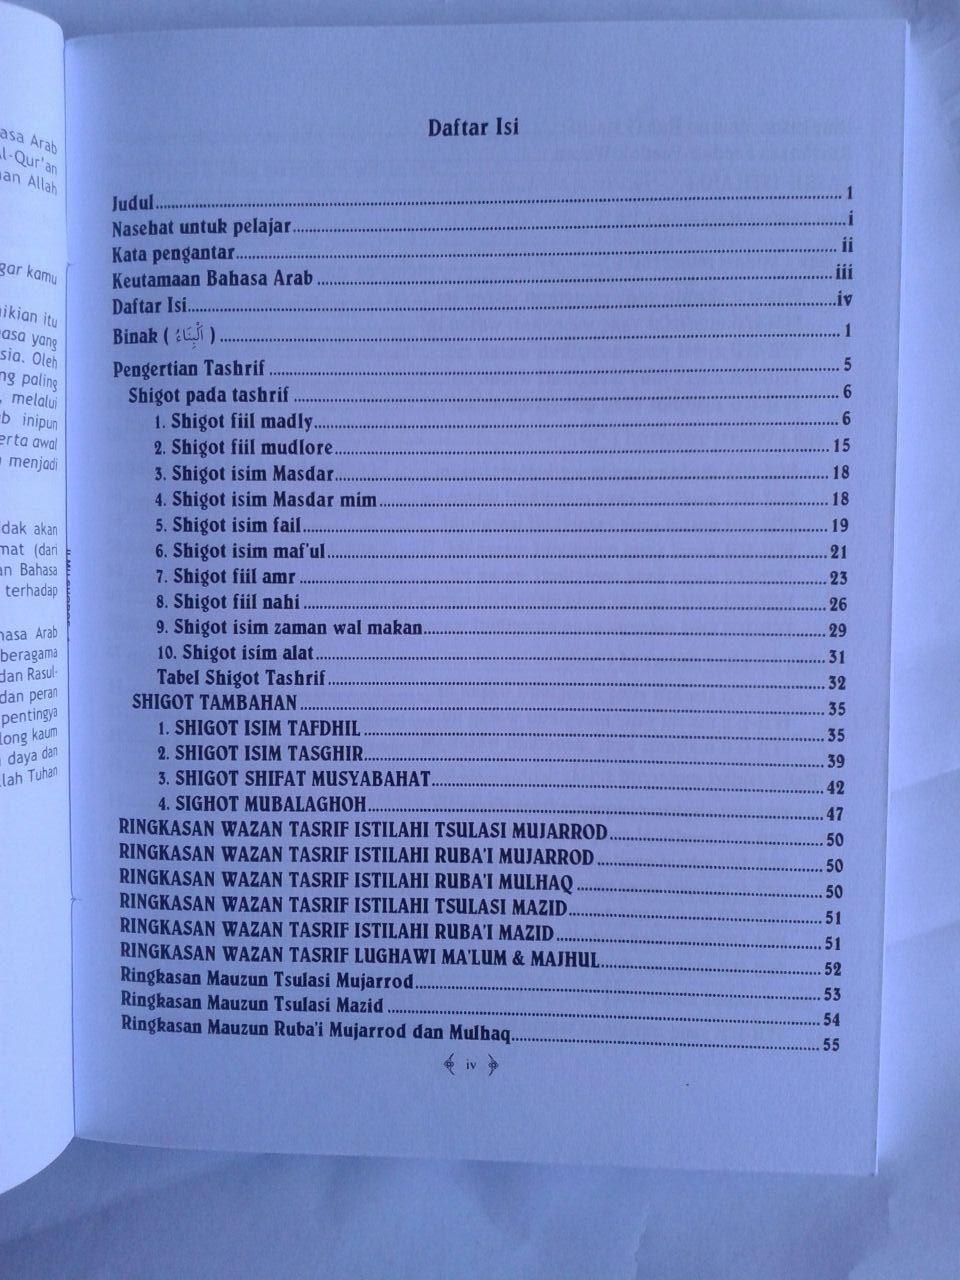 Buku Ilmu Shorof Super Lengkap Plus Faedah Tashrif isi